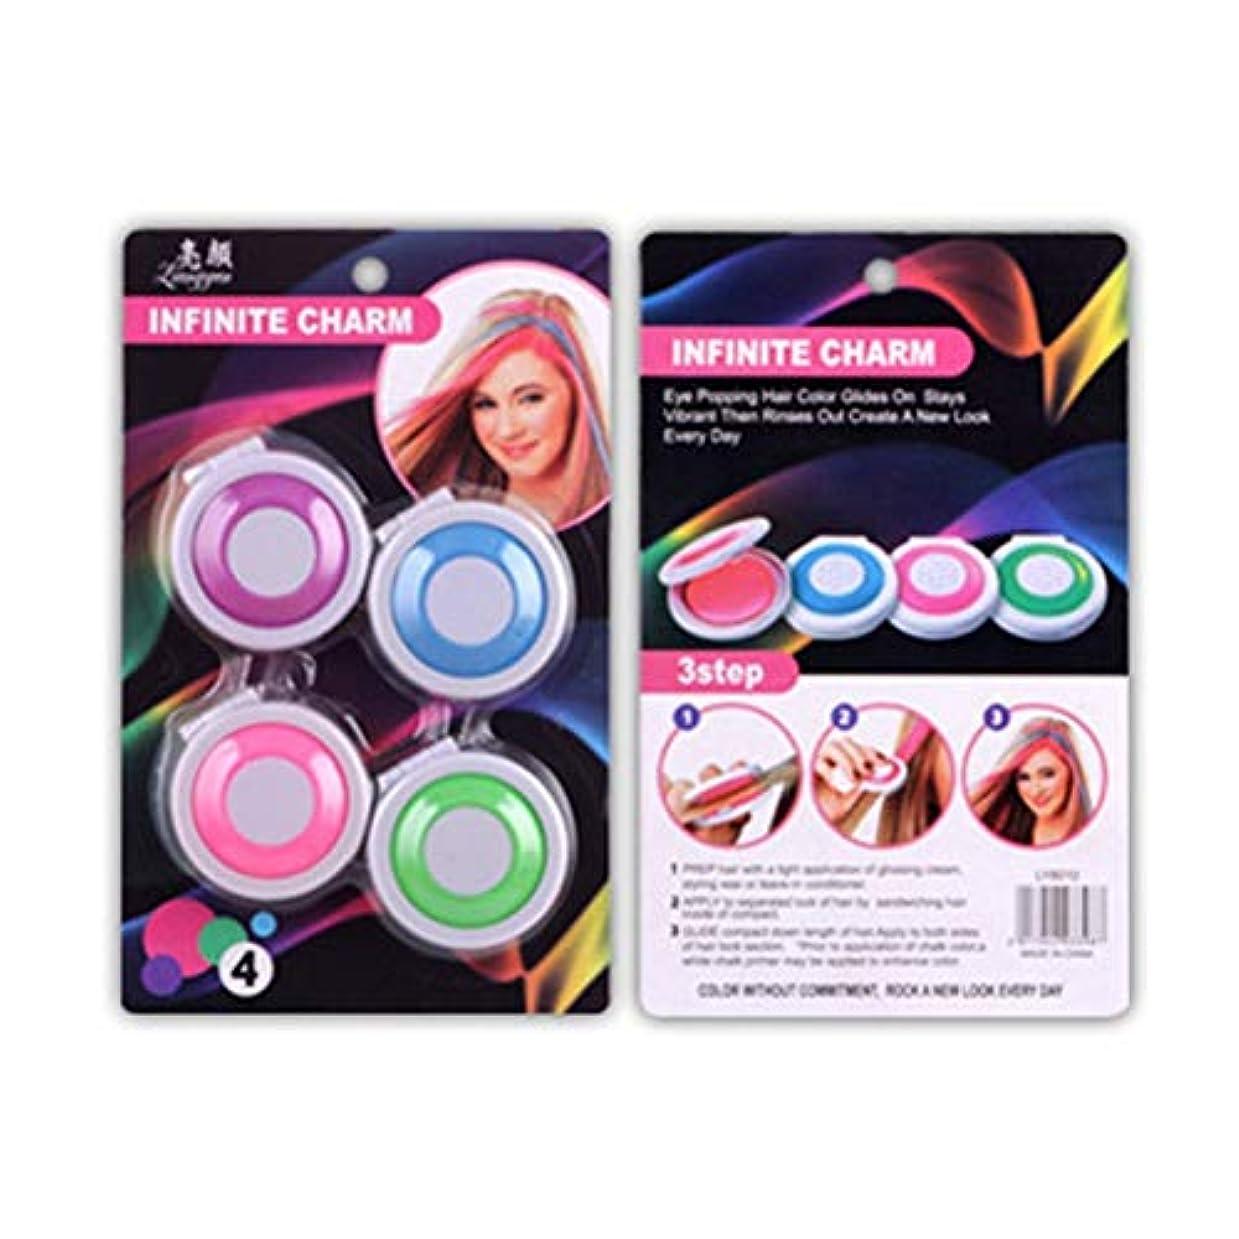 ヘアパウダー4色ファッションスタイリング染料ヘアパウダーヘアクリーム使い捨て着色染料パウダーヘアスタイリング製品